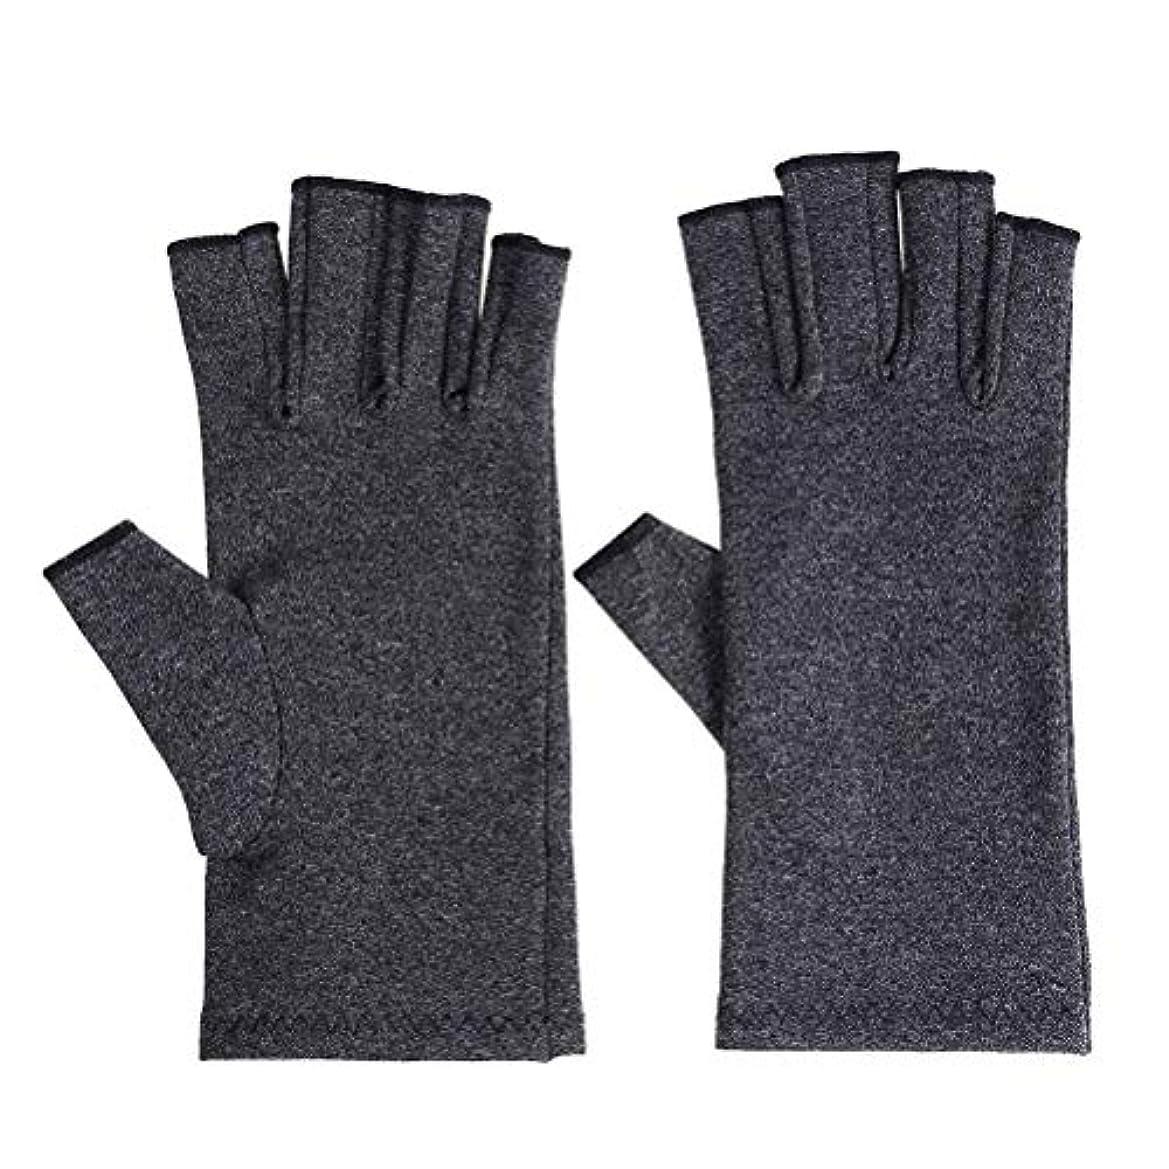 くさびプレーヤー値するHealifty 手関節炎関節痛緩和手袋療法圧縮手袋ヘルスケア手袋女性男性1ペア